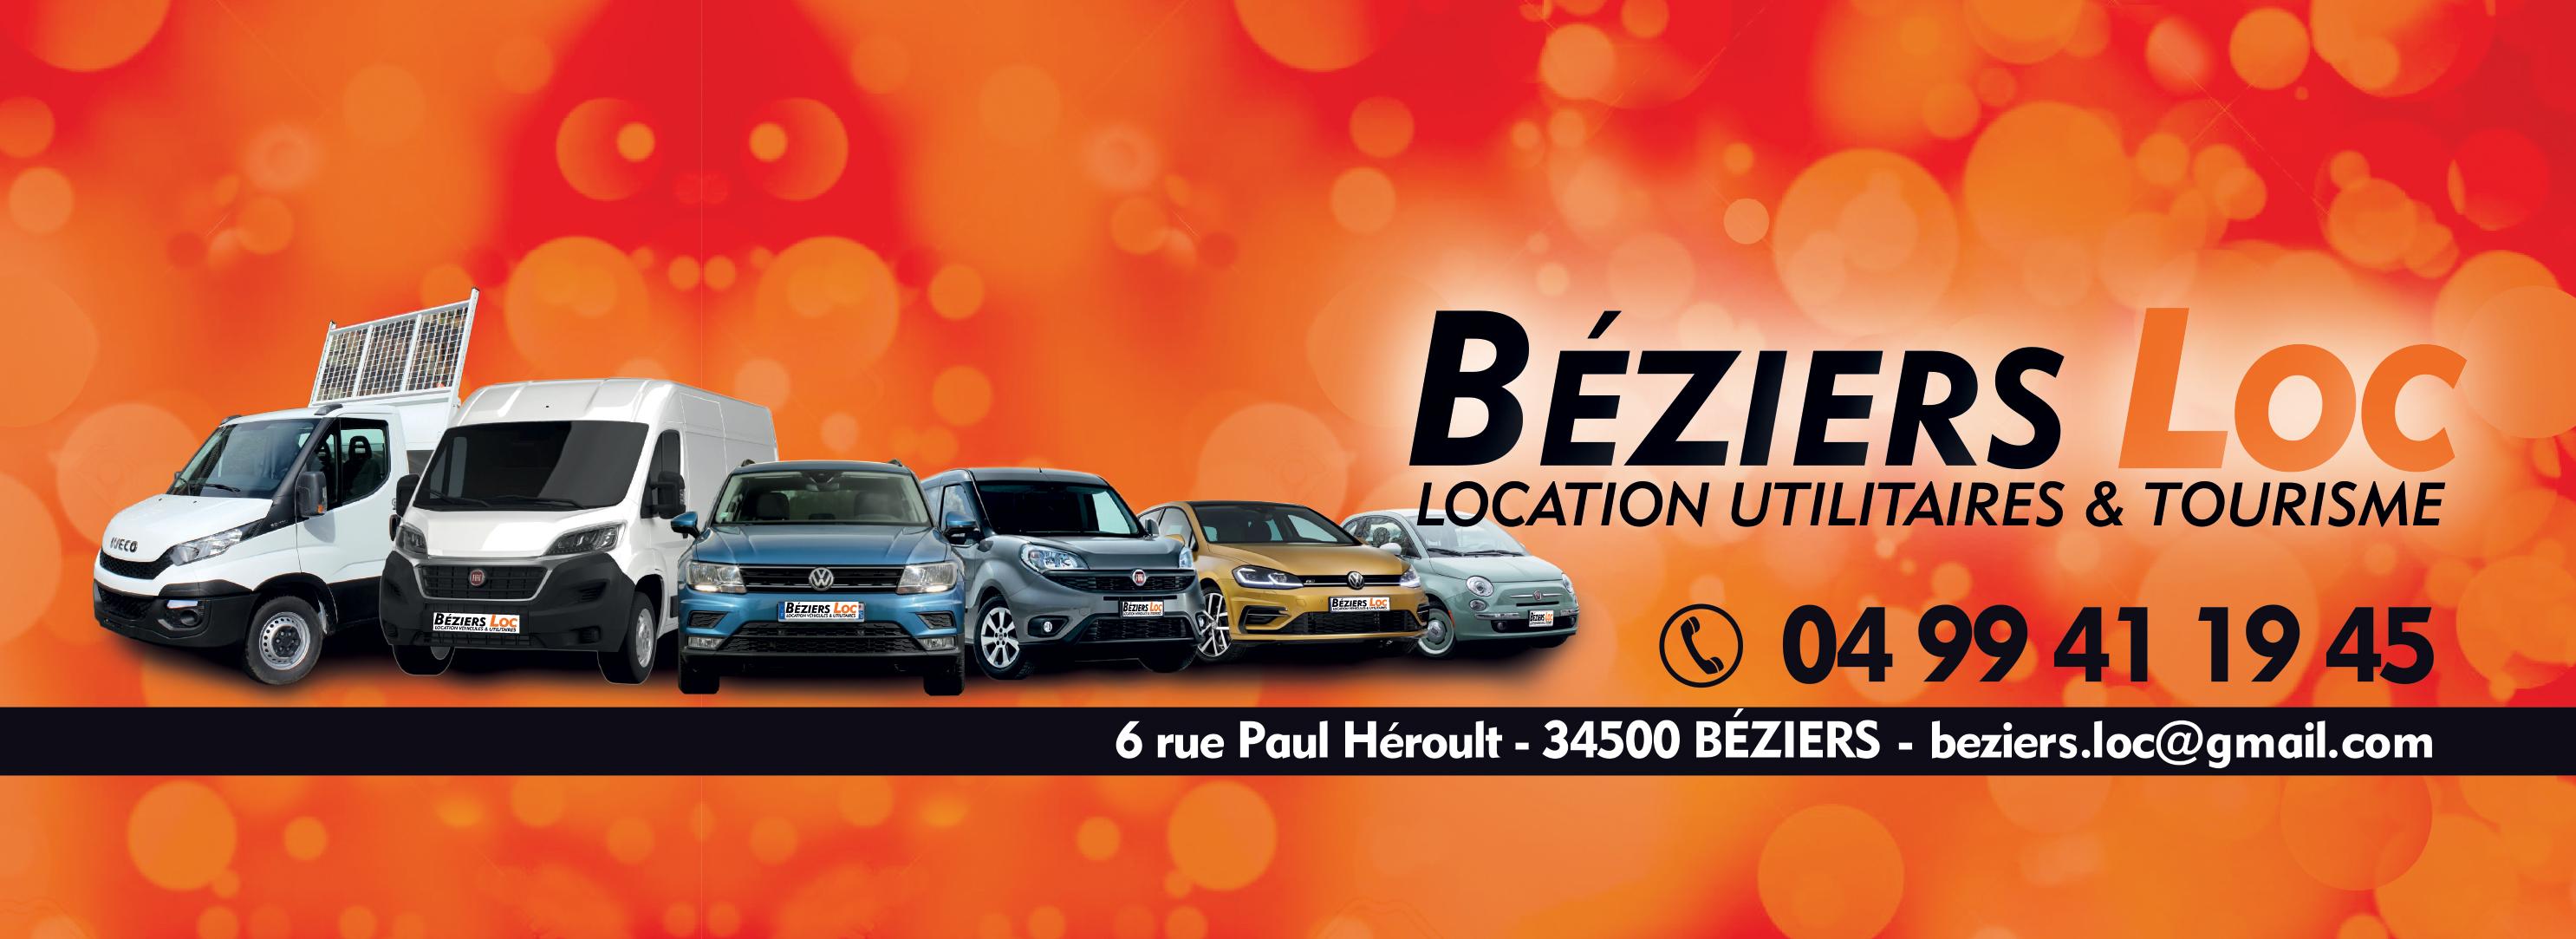 Beziers Loc location de voiture et utilitaire